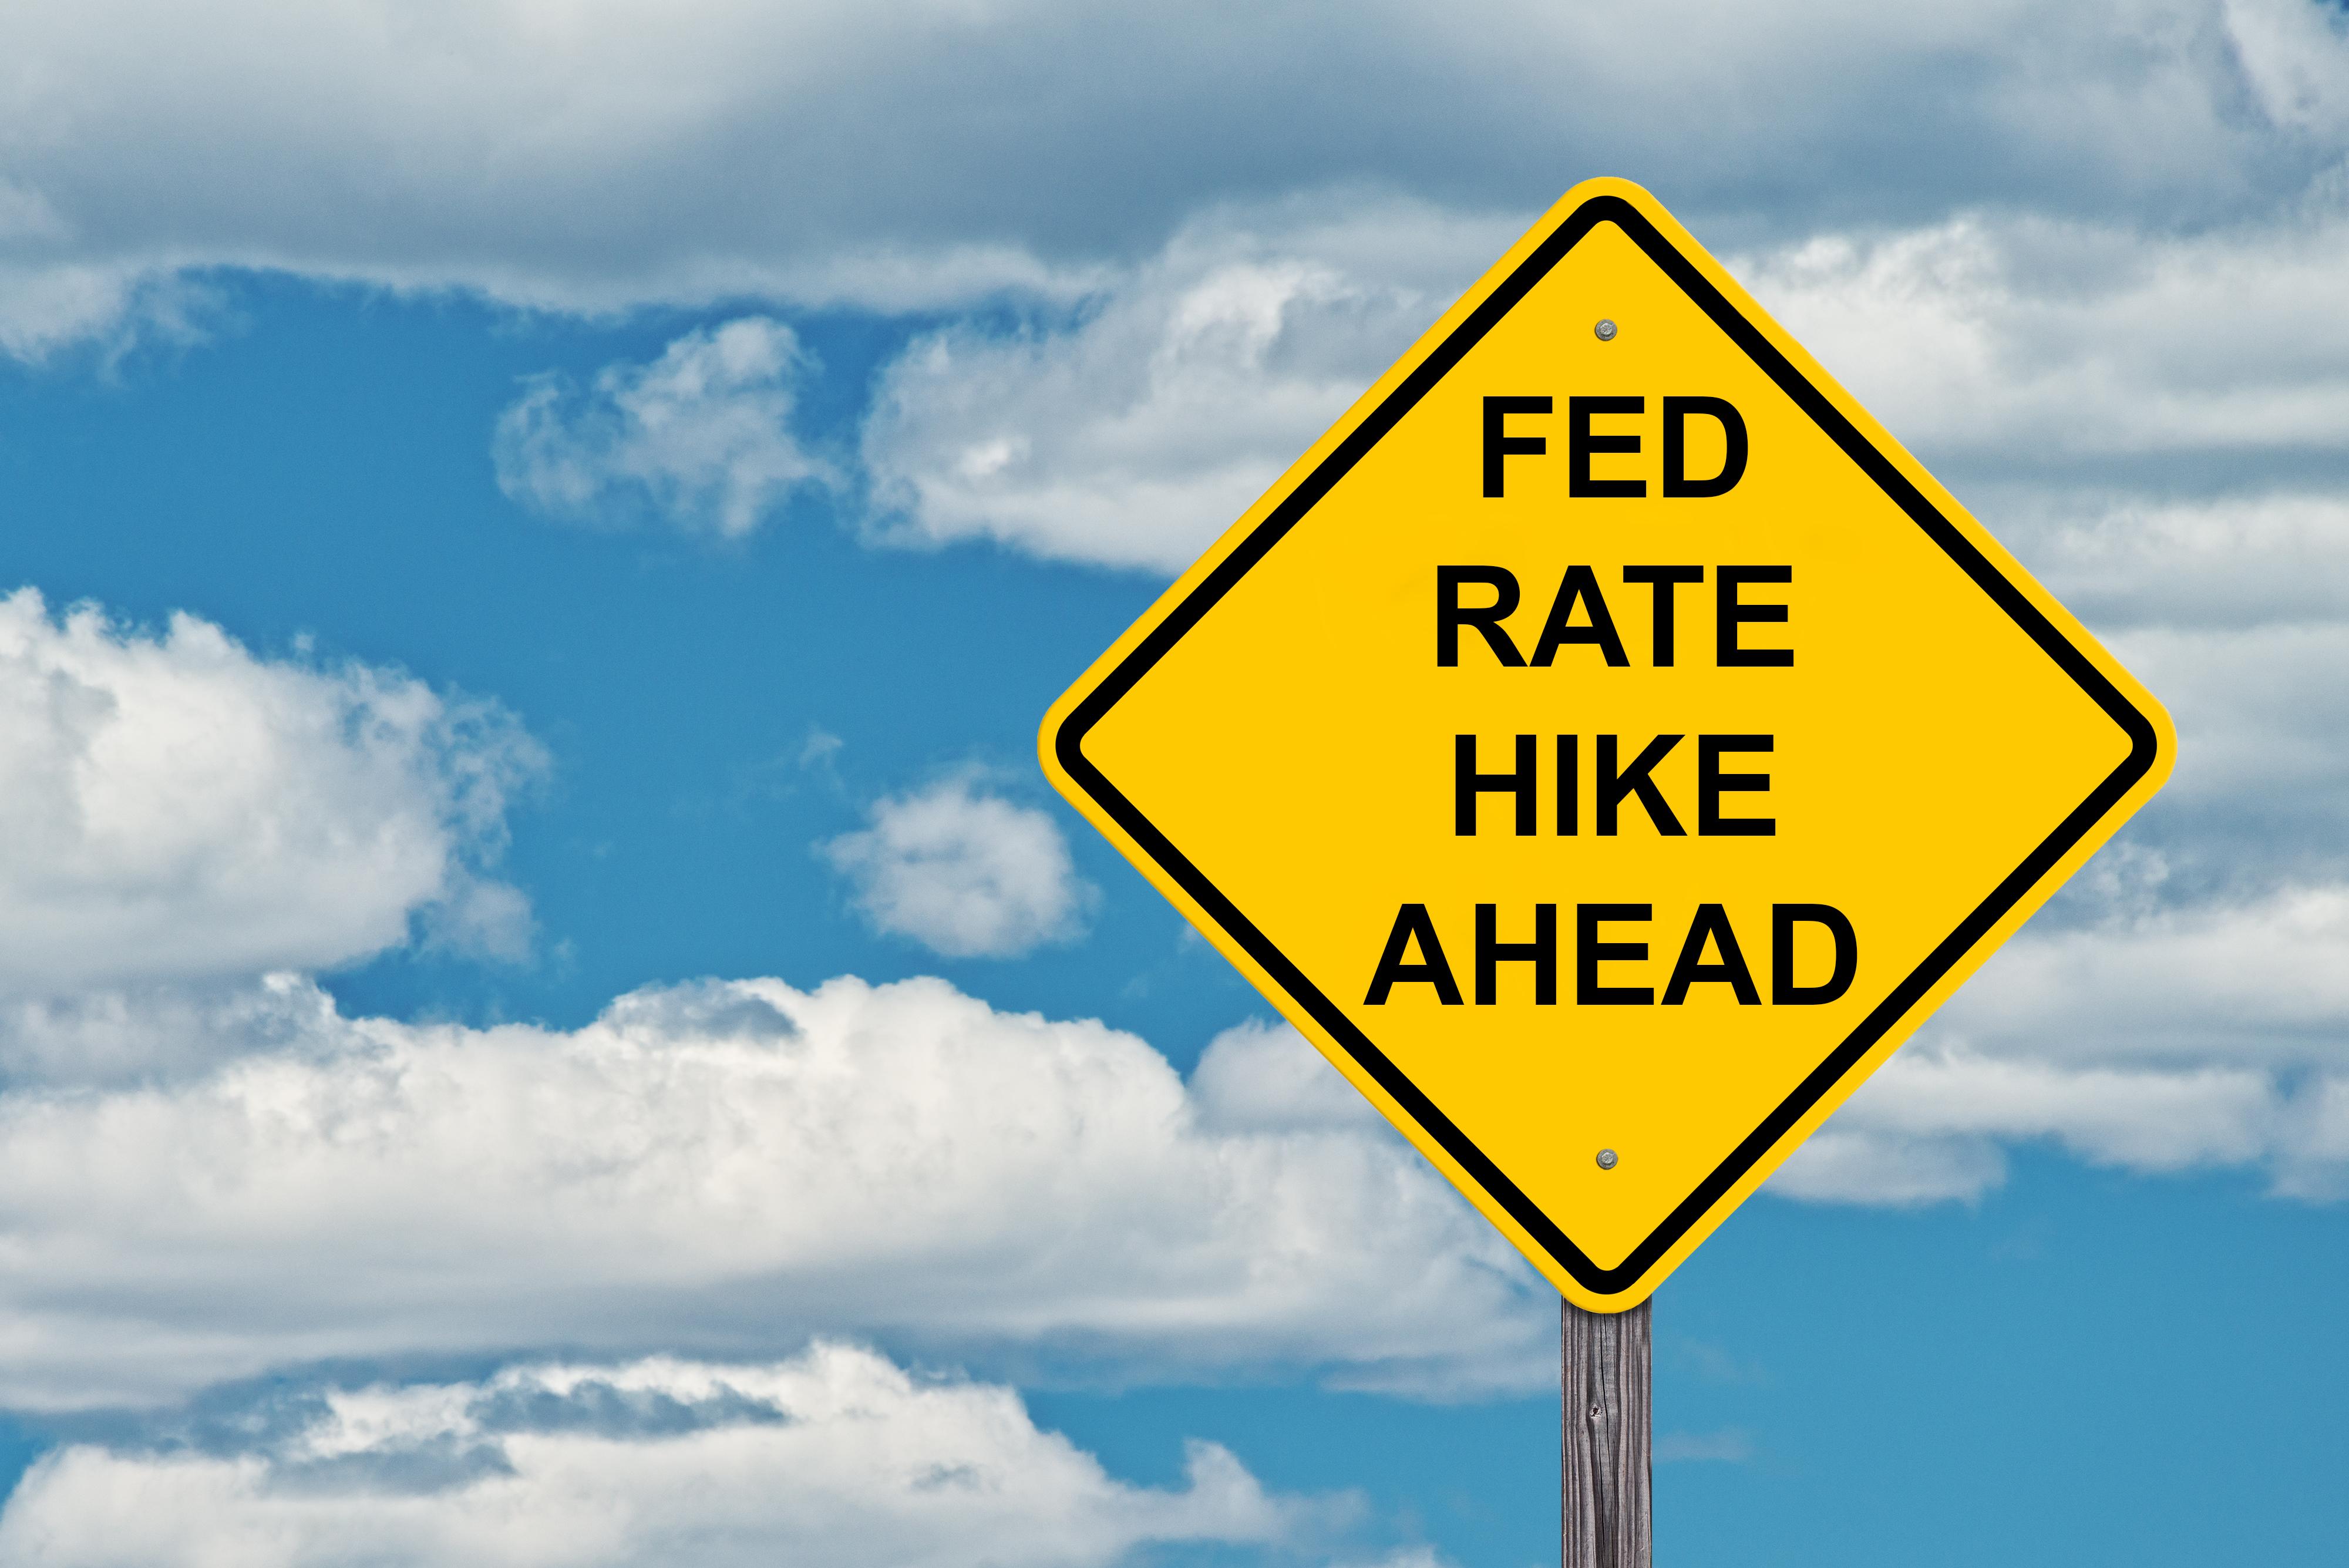 美联储埃文斯:经济需要很长时间才气实现美联储预期的进展